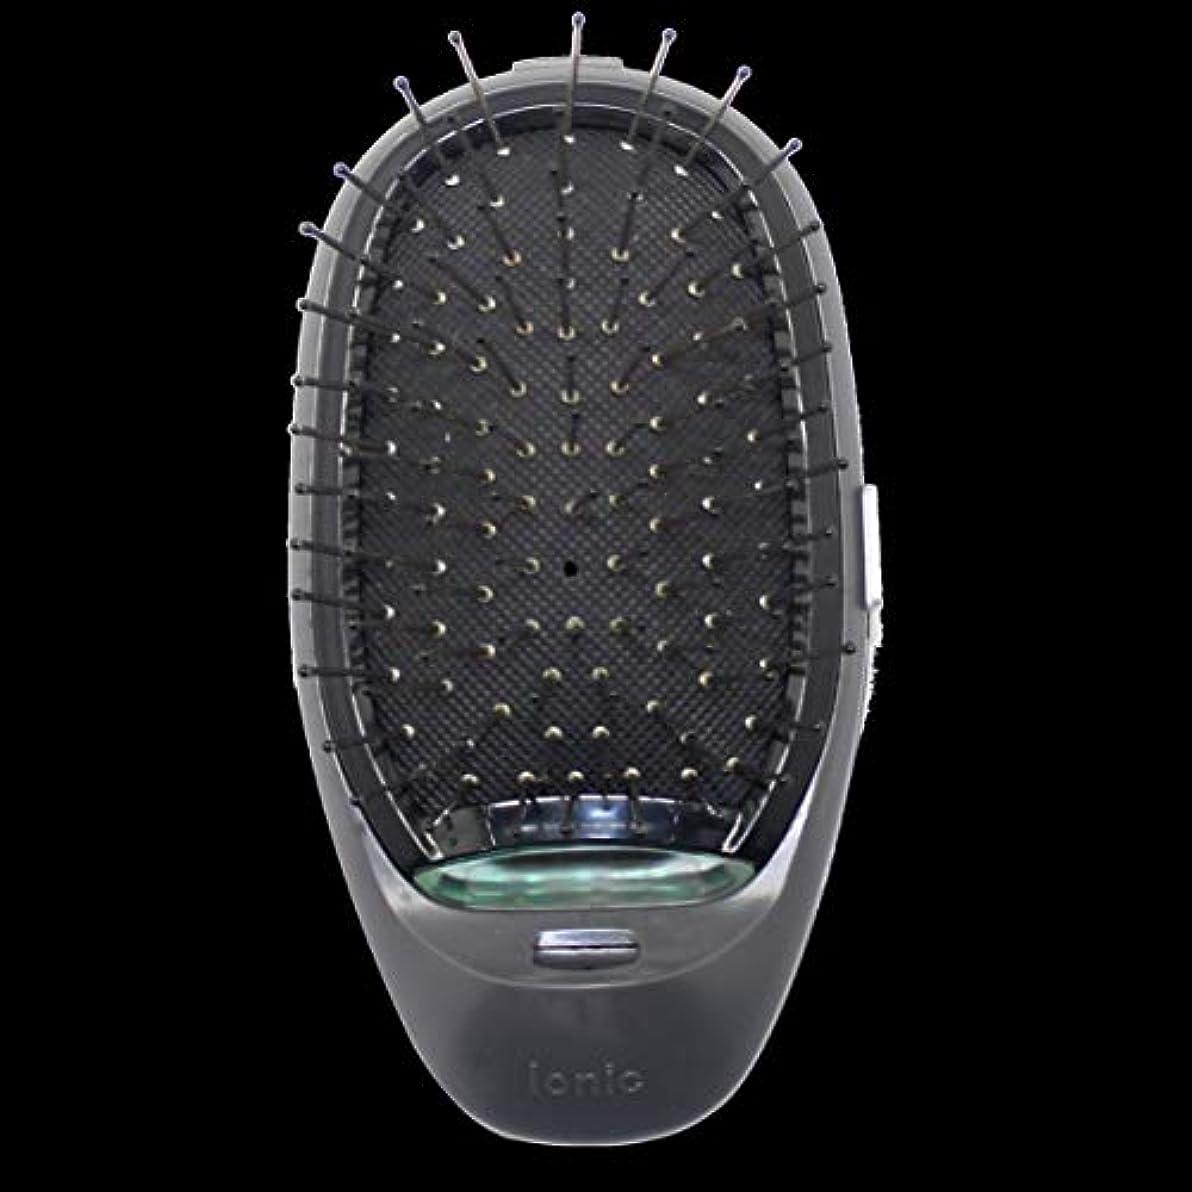 致死ダイヤモンドよろめく電動マッサージヘアブラシミニマイナスイオンヘアコム3Dインフレータブルコーム帯電防止ガールズヘアブラシ電池式 - ブラック